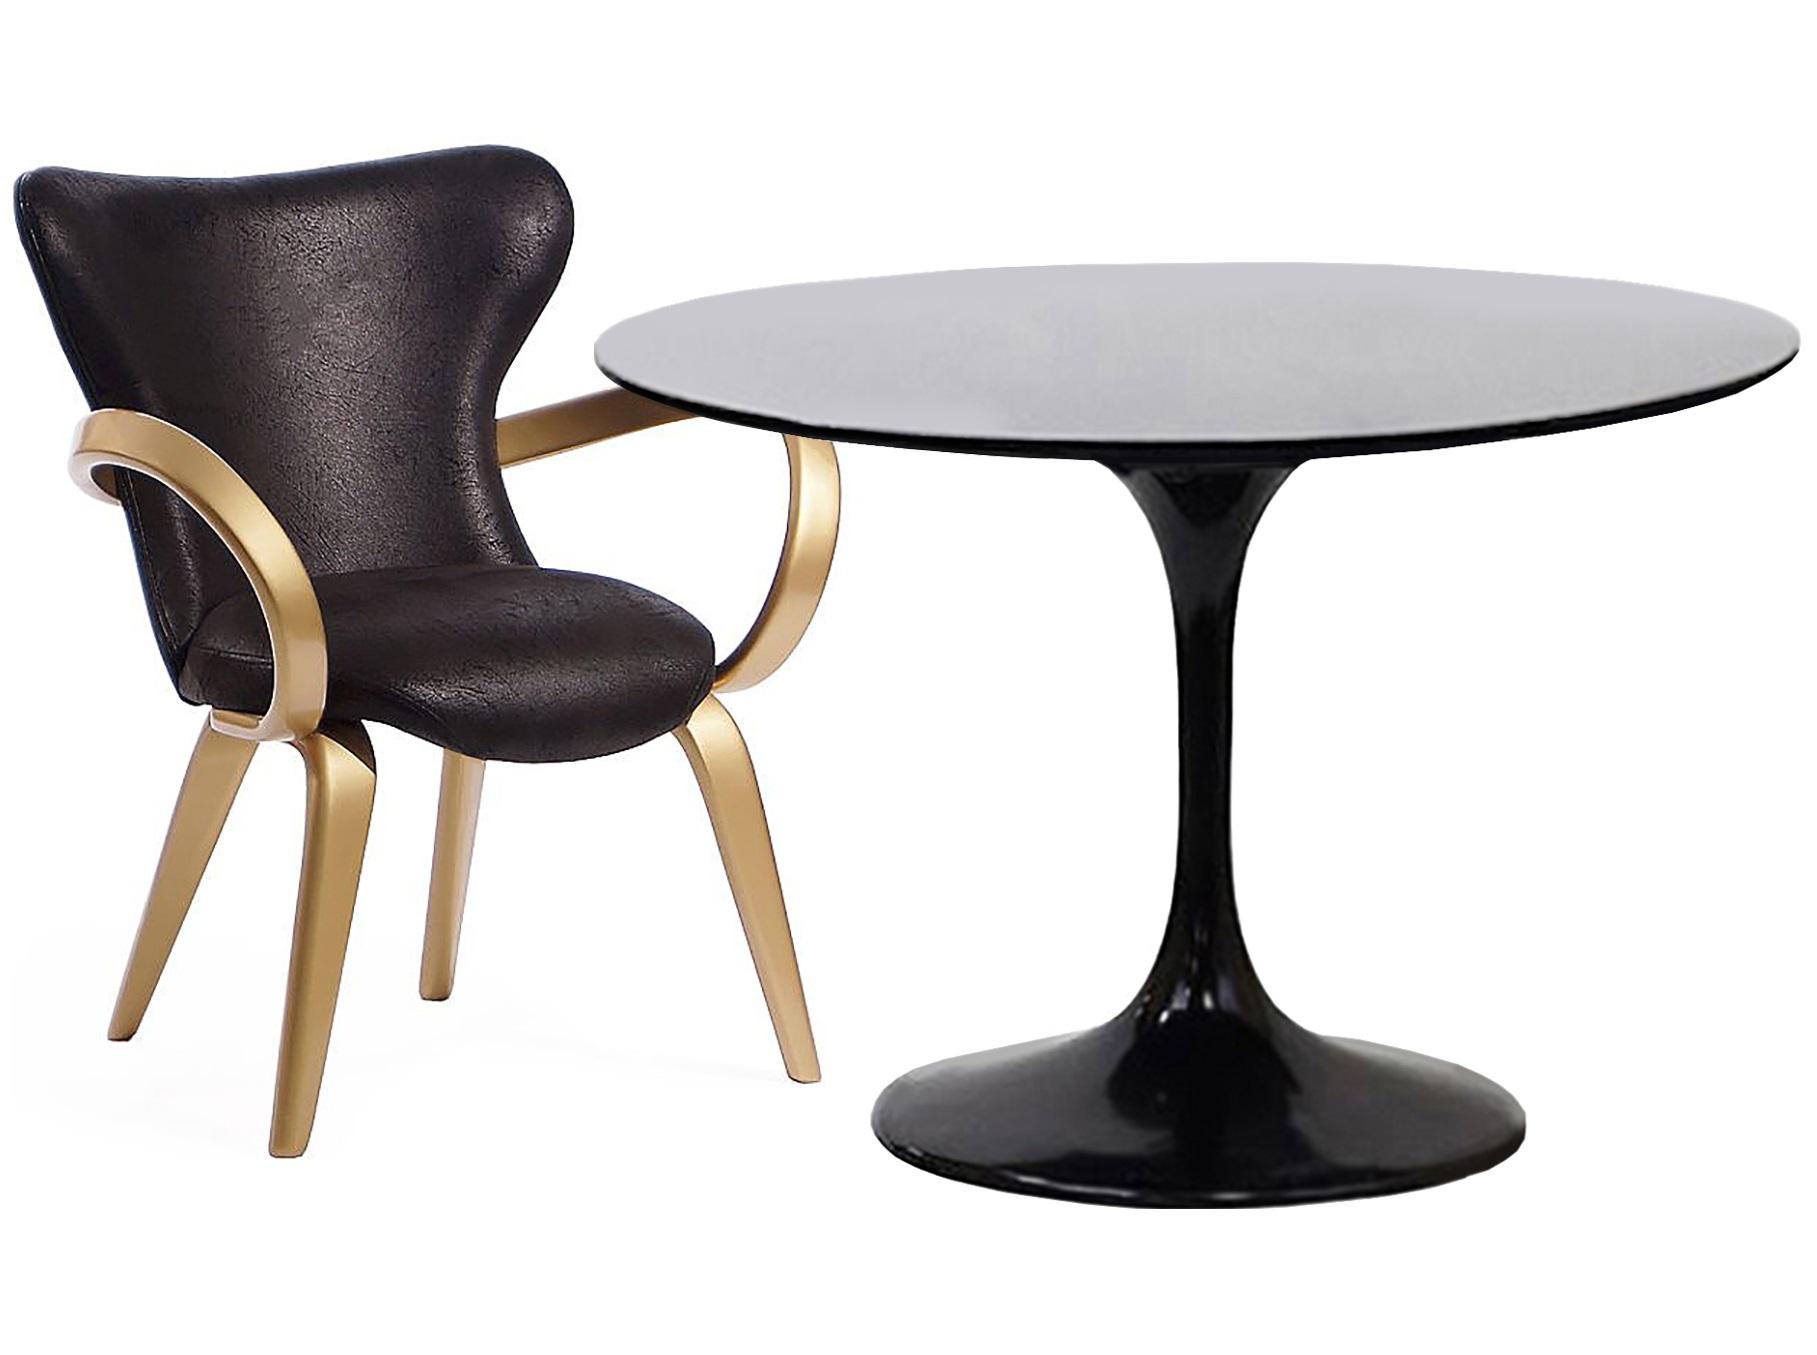 Обеденная группа Apriori TКомплекты для столовой<br>Обеденный круглый стол с лаконичным основанием из акрилового камня. <br>Стол в комплекте со стульями серии  &amp;quot;априори S&amp;quot;. Такой яркий деревянный стул будет актуален для современного интерьера или стиля лофт. Он отлично подойдёт для дома, лоджии, сада, а также для кафе и баров.&amp;amp;nbsp;<br><br>&amp;lt;div&amp;gt;&amp;lt;br&amp;gt;&amp;lt;/div&amp;gt;&amp;lt;div&amp;gt;Размеры стола : 90/77 см.&amp;amp;nbsp;&amp;lt;/div&amp;gt;&amp;lt;div&amp;gt;Материал стола: акриловый камень&amp;amp;nbsp;&amp;lt;/div&amp;gt;&amp;lt;div&amp;gt;Размеры стула: 75х62х85см.&amp;amp;nbsp;&amp;lt;/div&amp;gt;&amp;lt;div&amp;gt;Материал стула: массив березы.&amp;lt;/div&amp;gt;<br><br>Material: Дерево<br>Ширина см: 62.0<br>Высота см: 85.0<br>Глубина см: 75.0